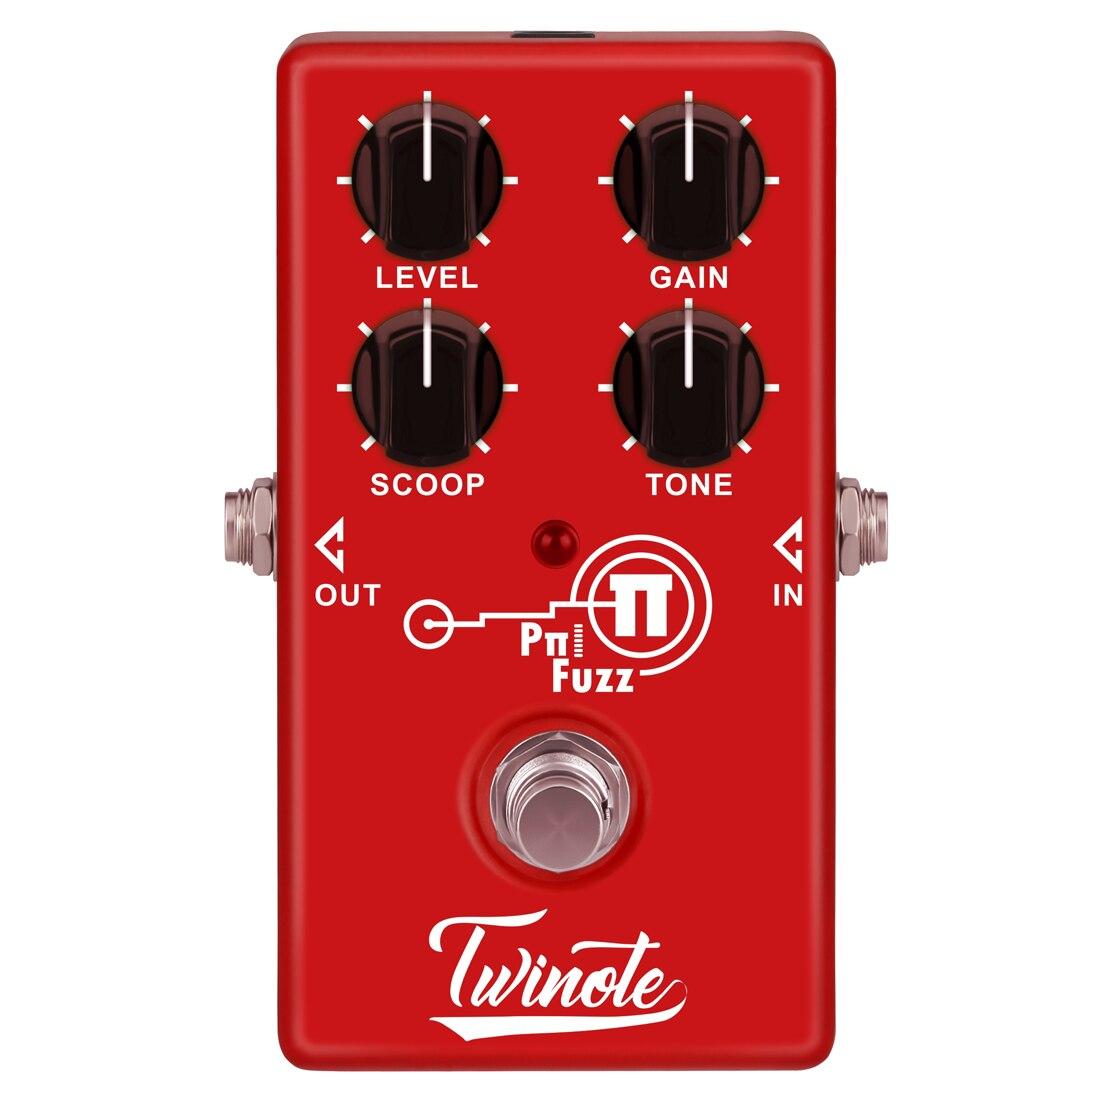 Twinote moderne FUZZ effets pédale professionnel accessoires guitare effet processeur pour guitare électrique